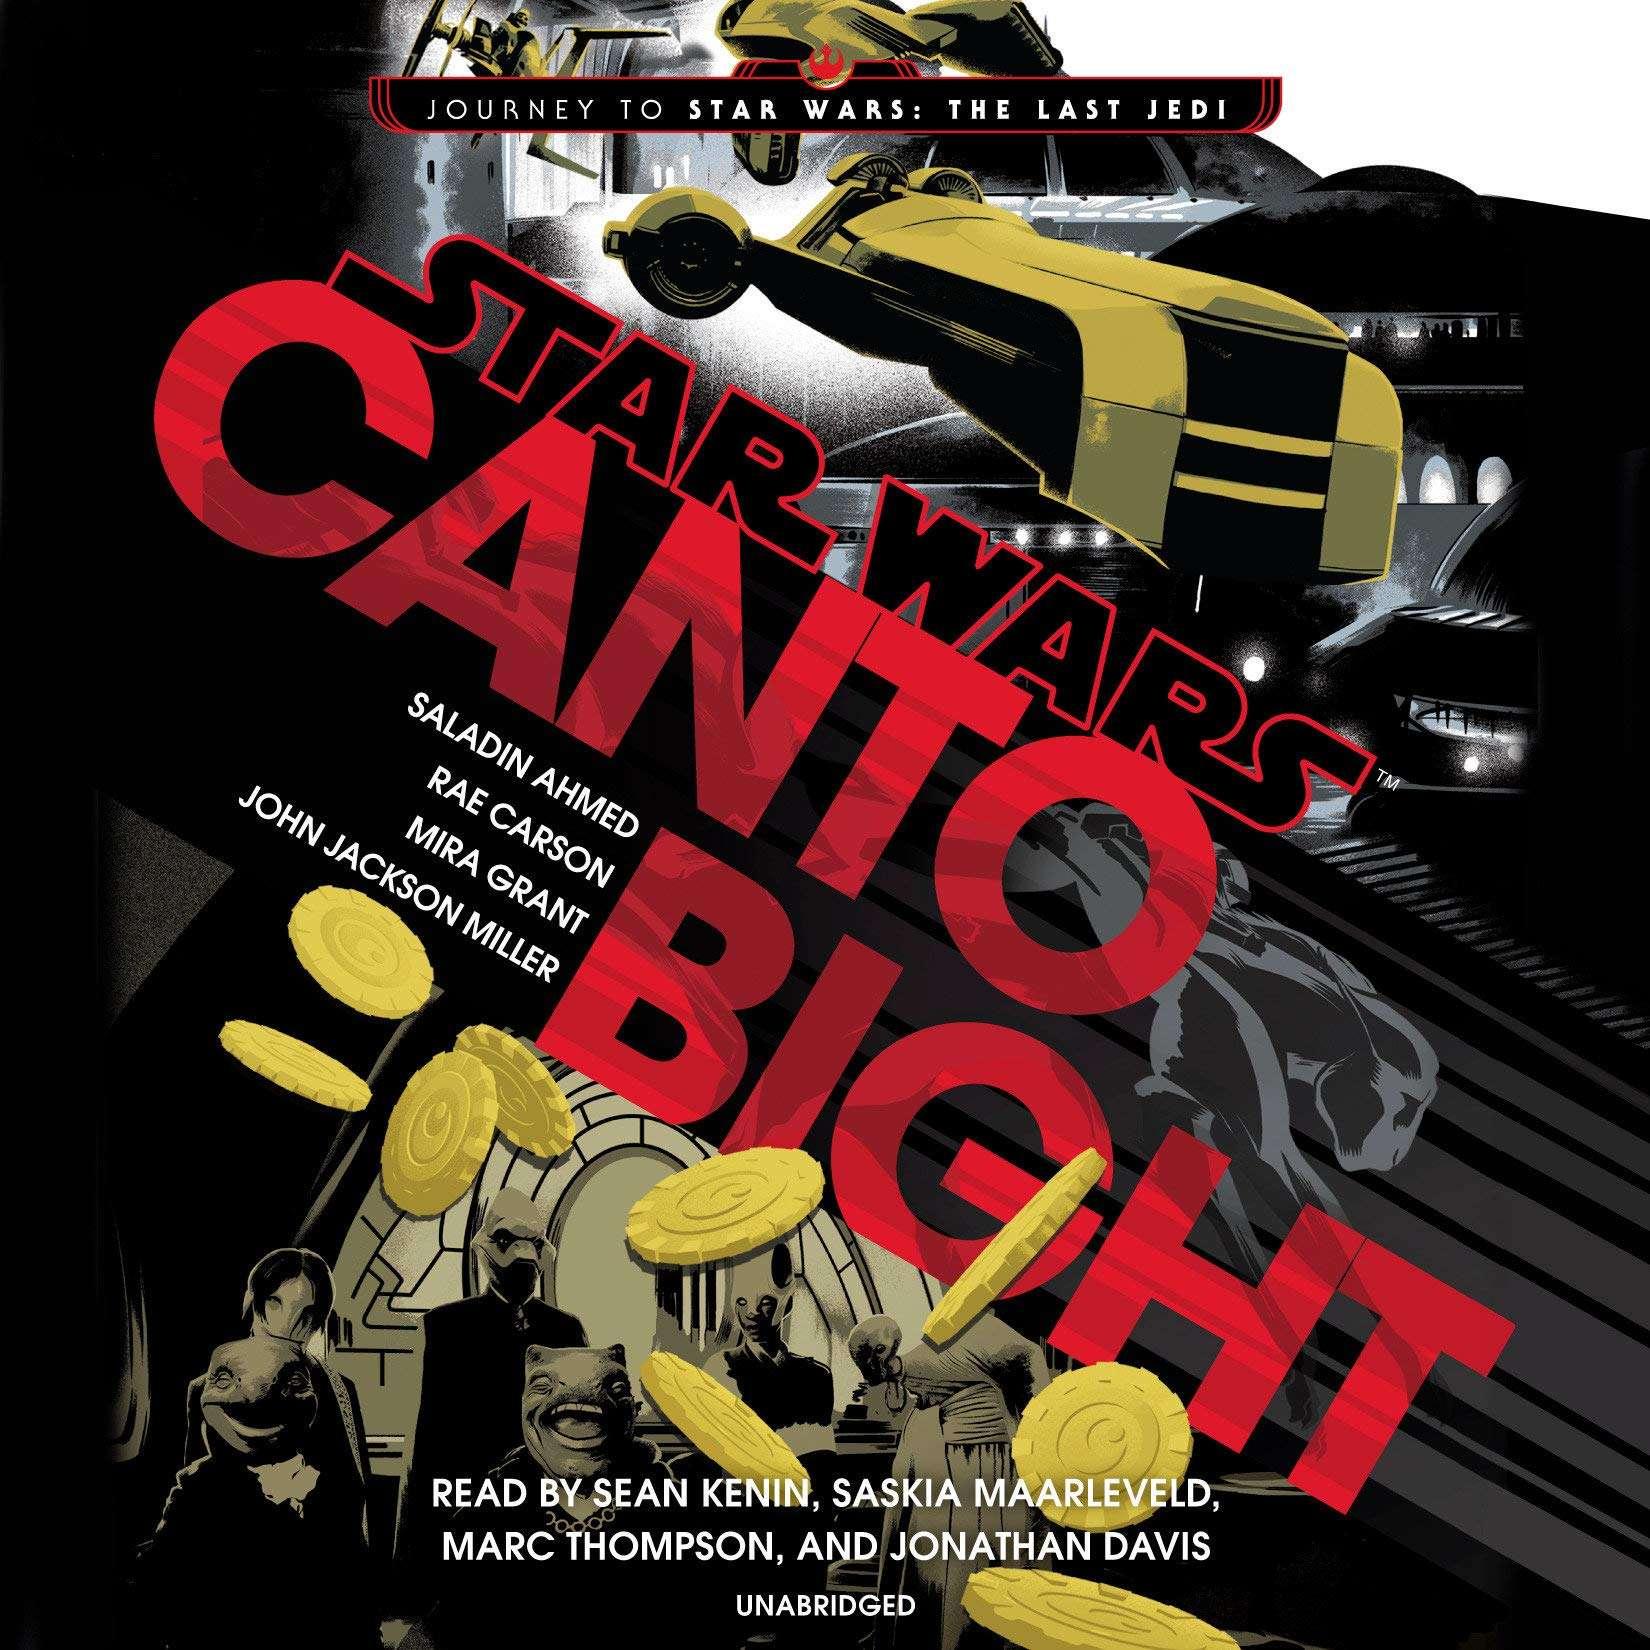 , Canto Bight: la stravagante Città – Casino di Episodio VIII: Gli Ultimi Jedi, Star Wars Addicted